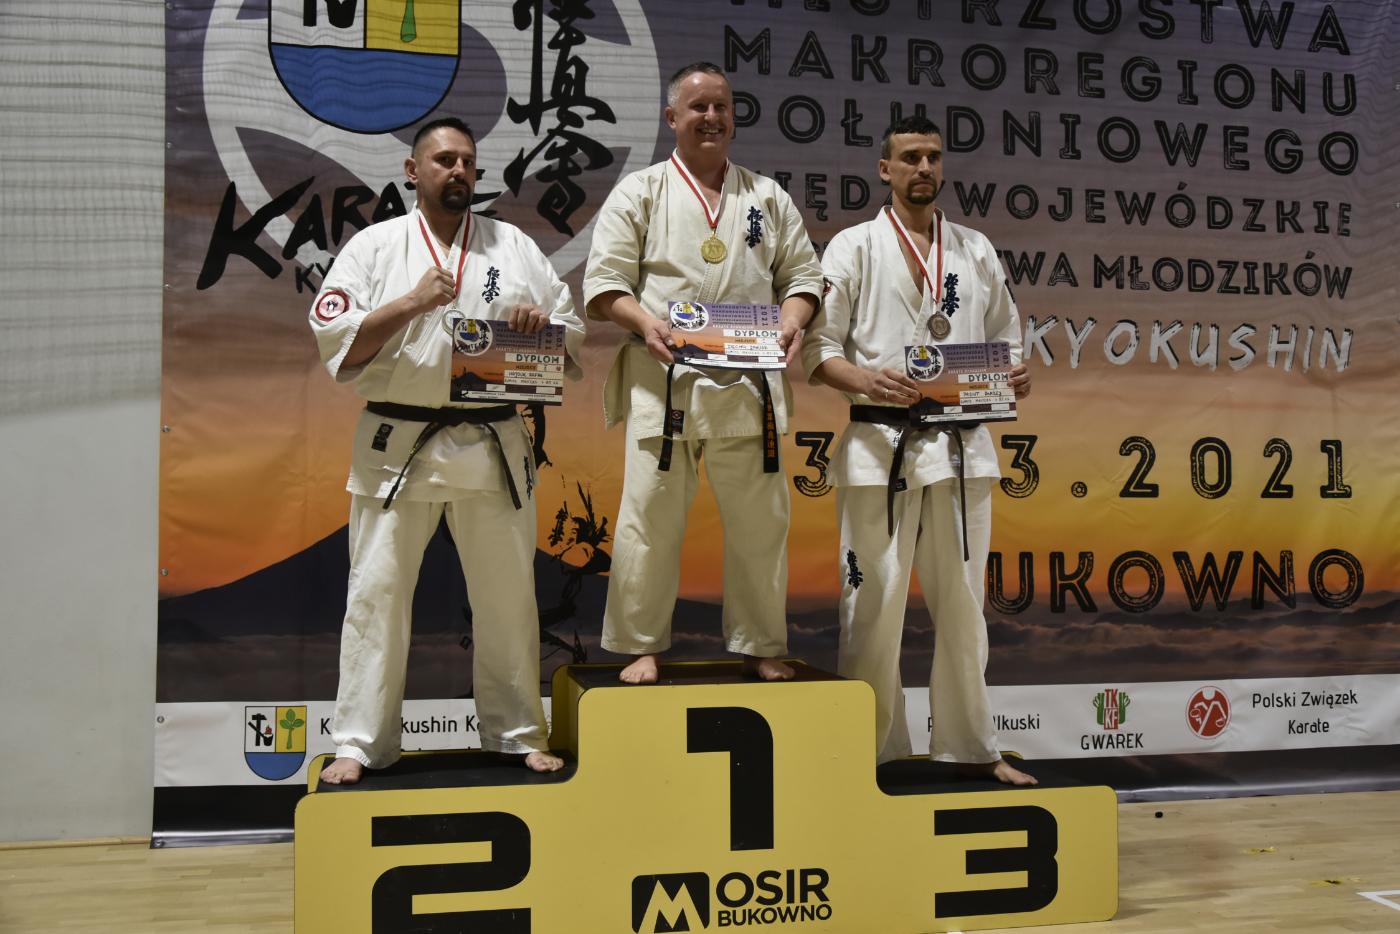 UKS Karate Kyokushin Kumite Niebieszczany Mistrzem Makroregionu Południowego! [ZDJĘCIA] - Zdjęcie główne